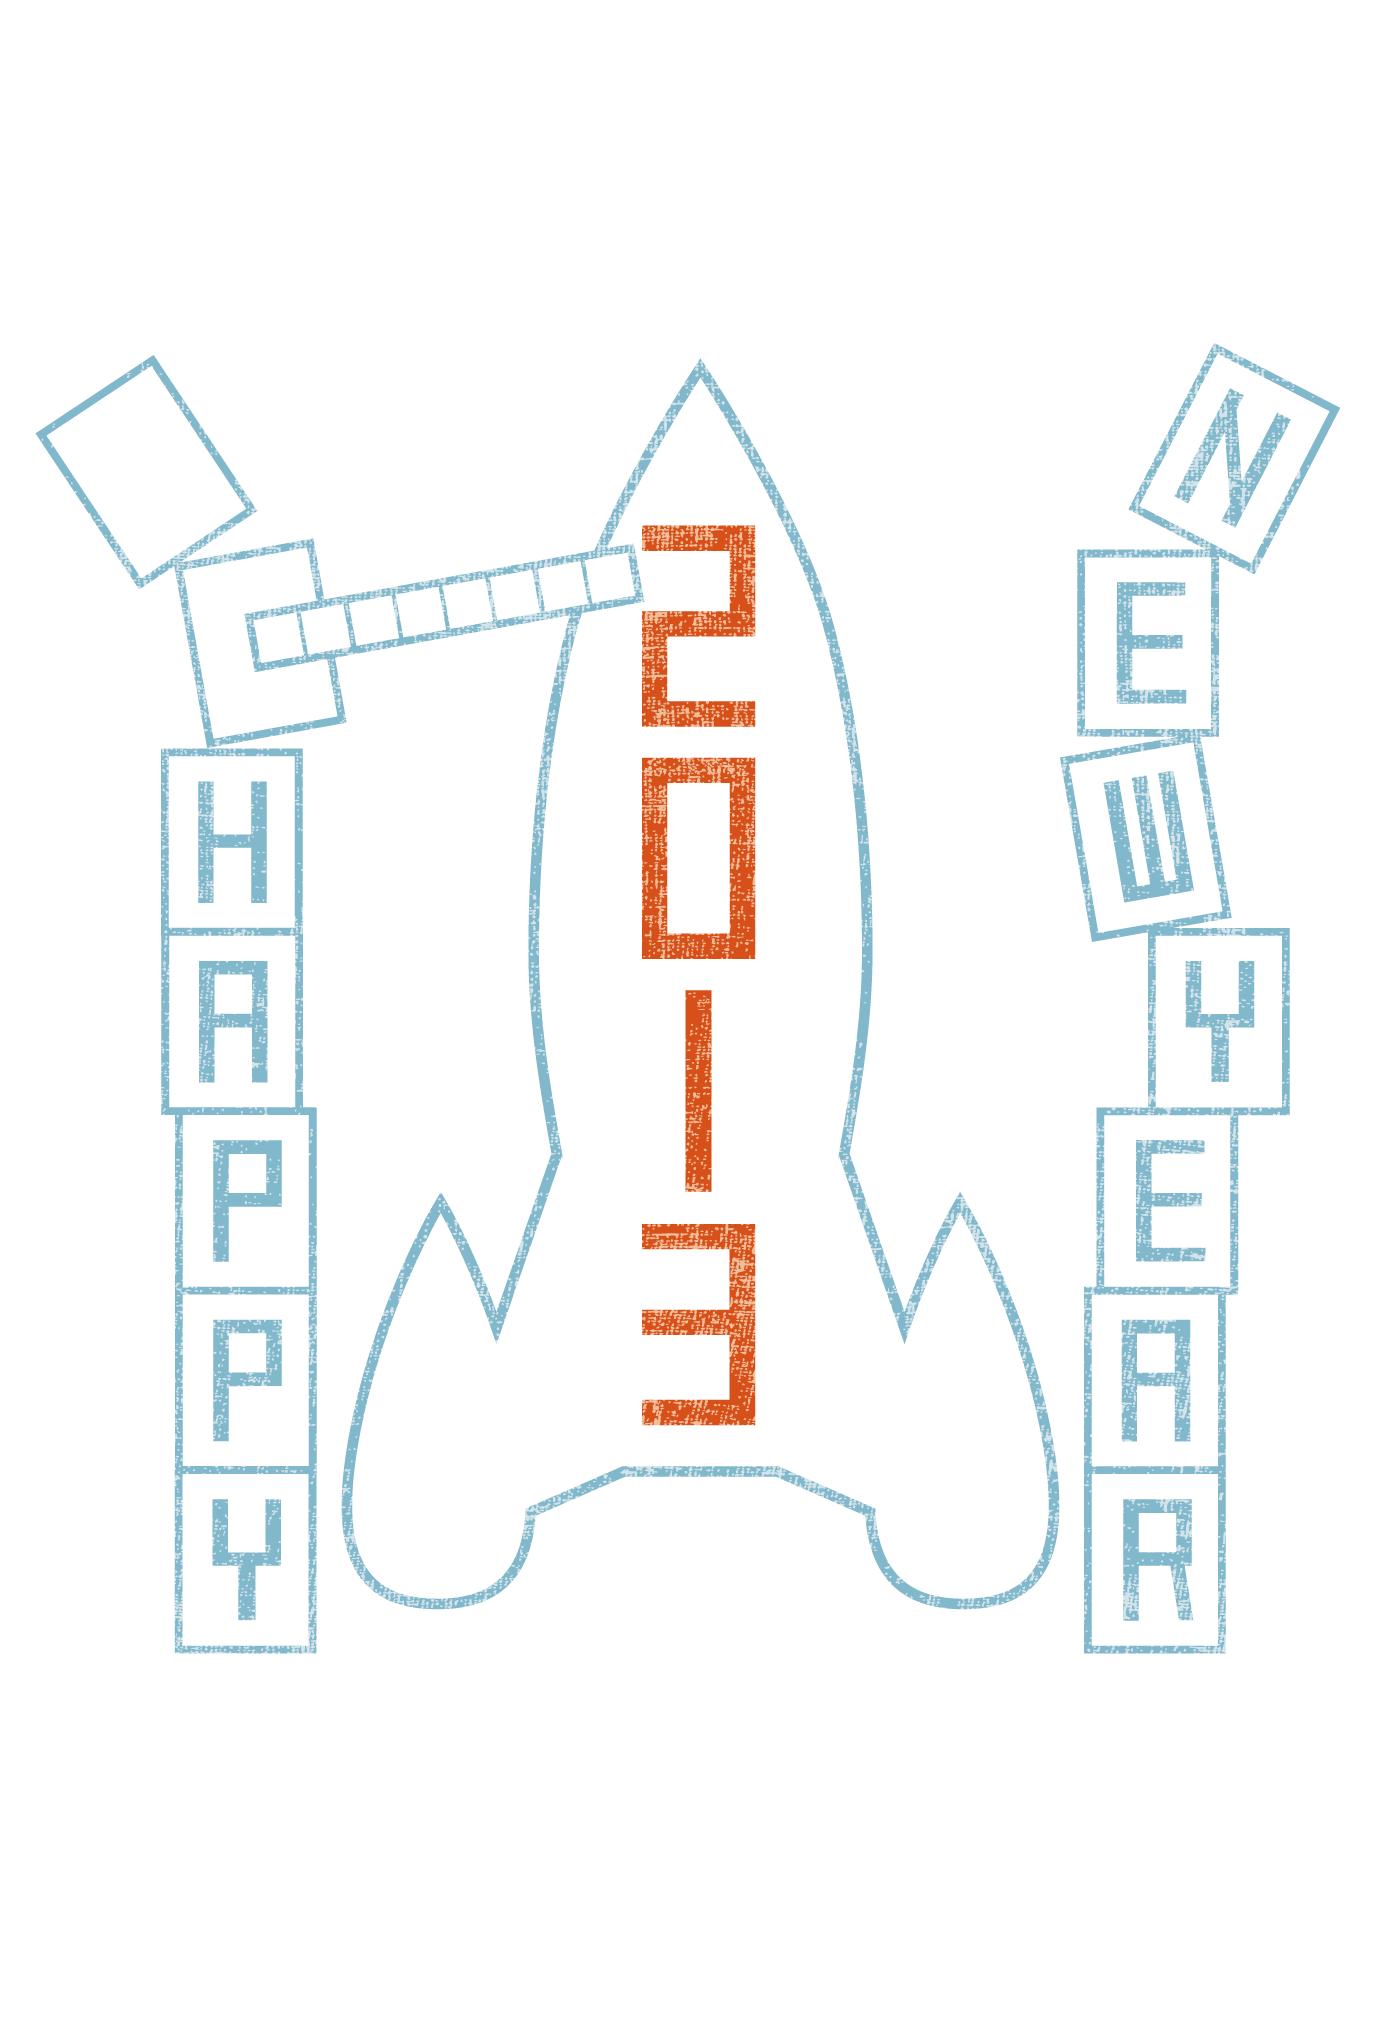 2013年賀状03-1:New year rocket / 1のダウンロード画像